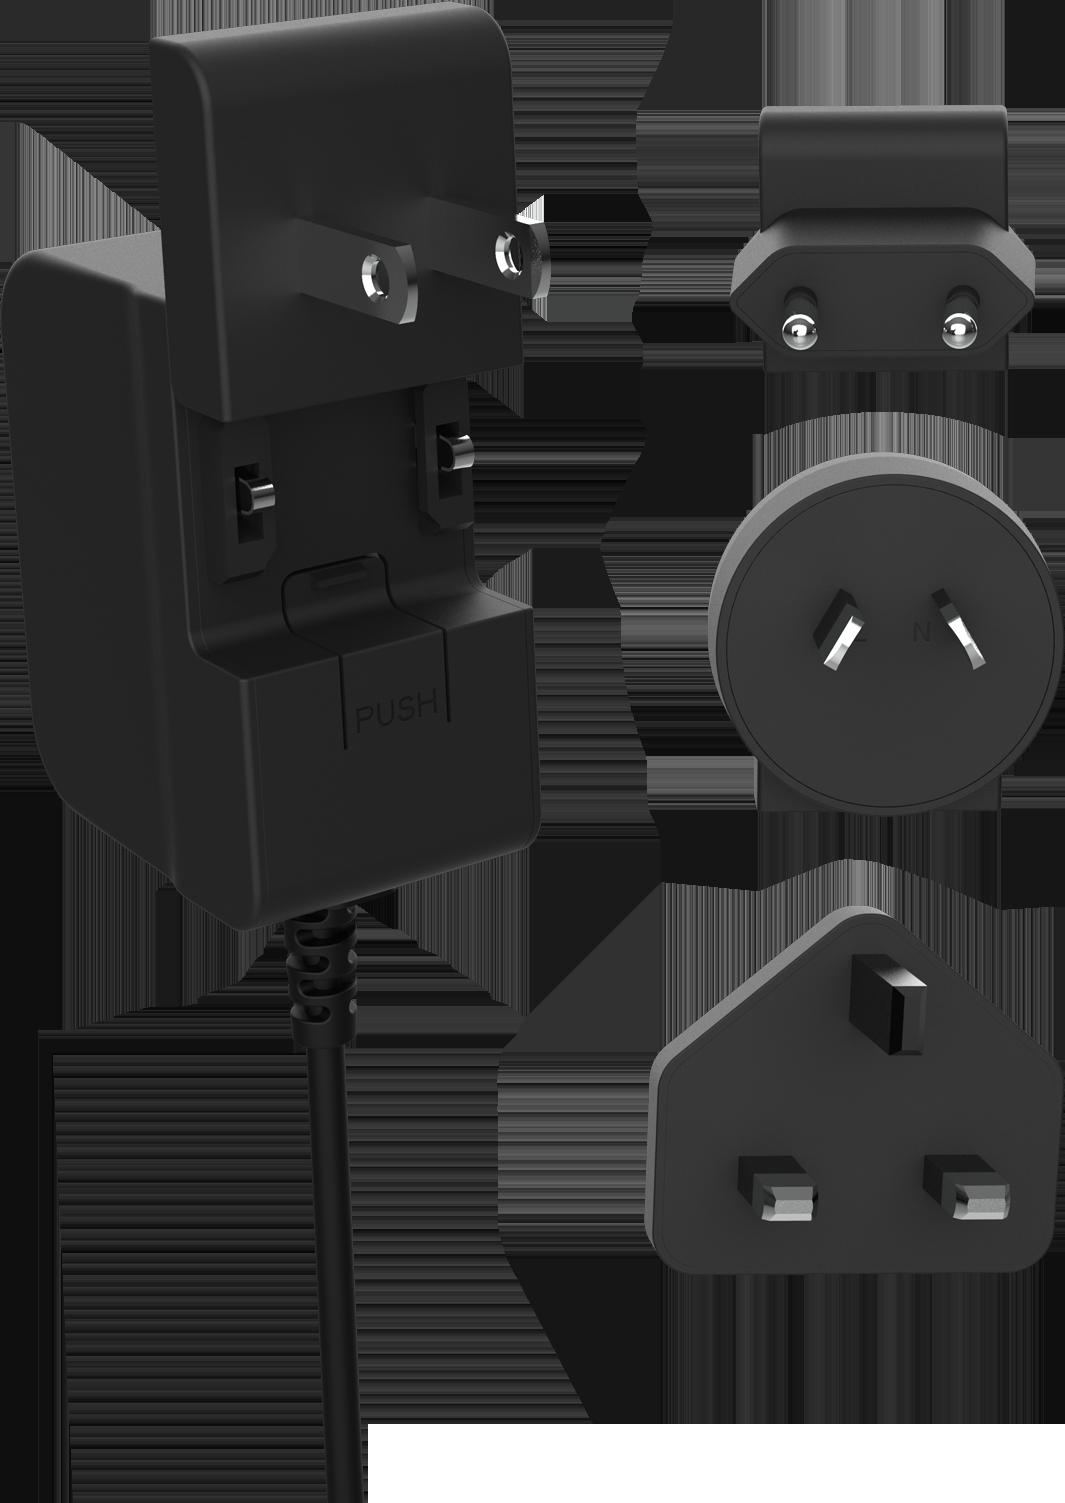 Bloc d'alimentation PDP pour manette Xbox Adaptive